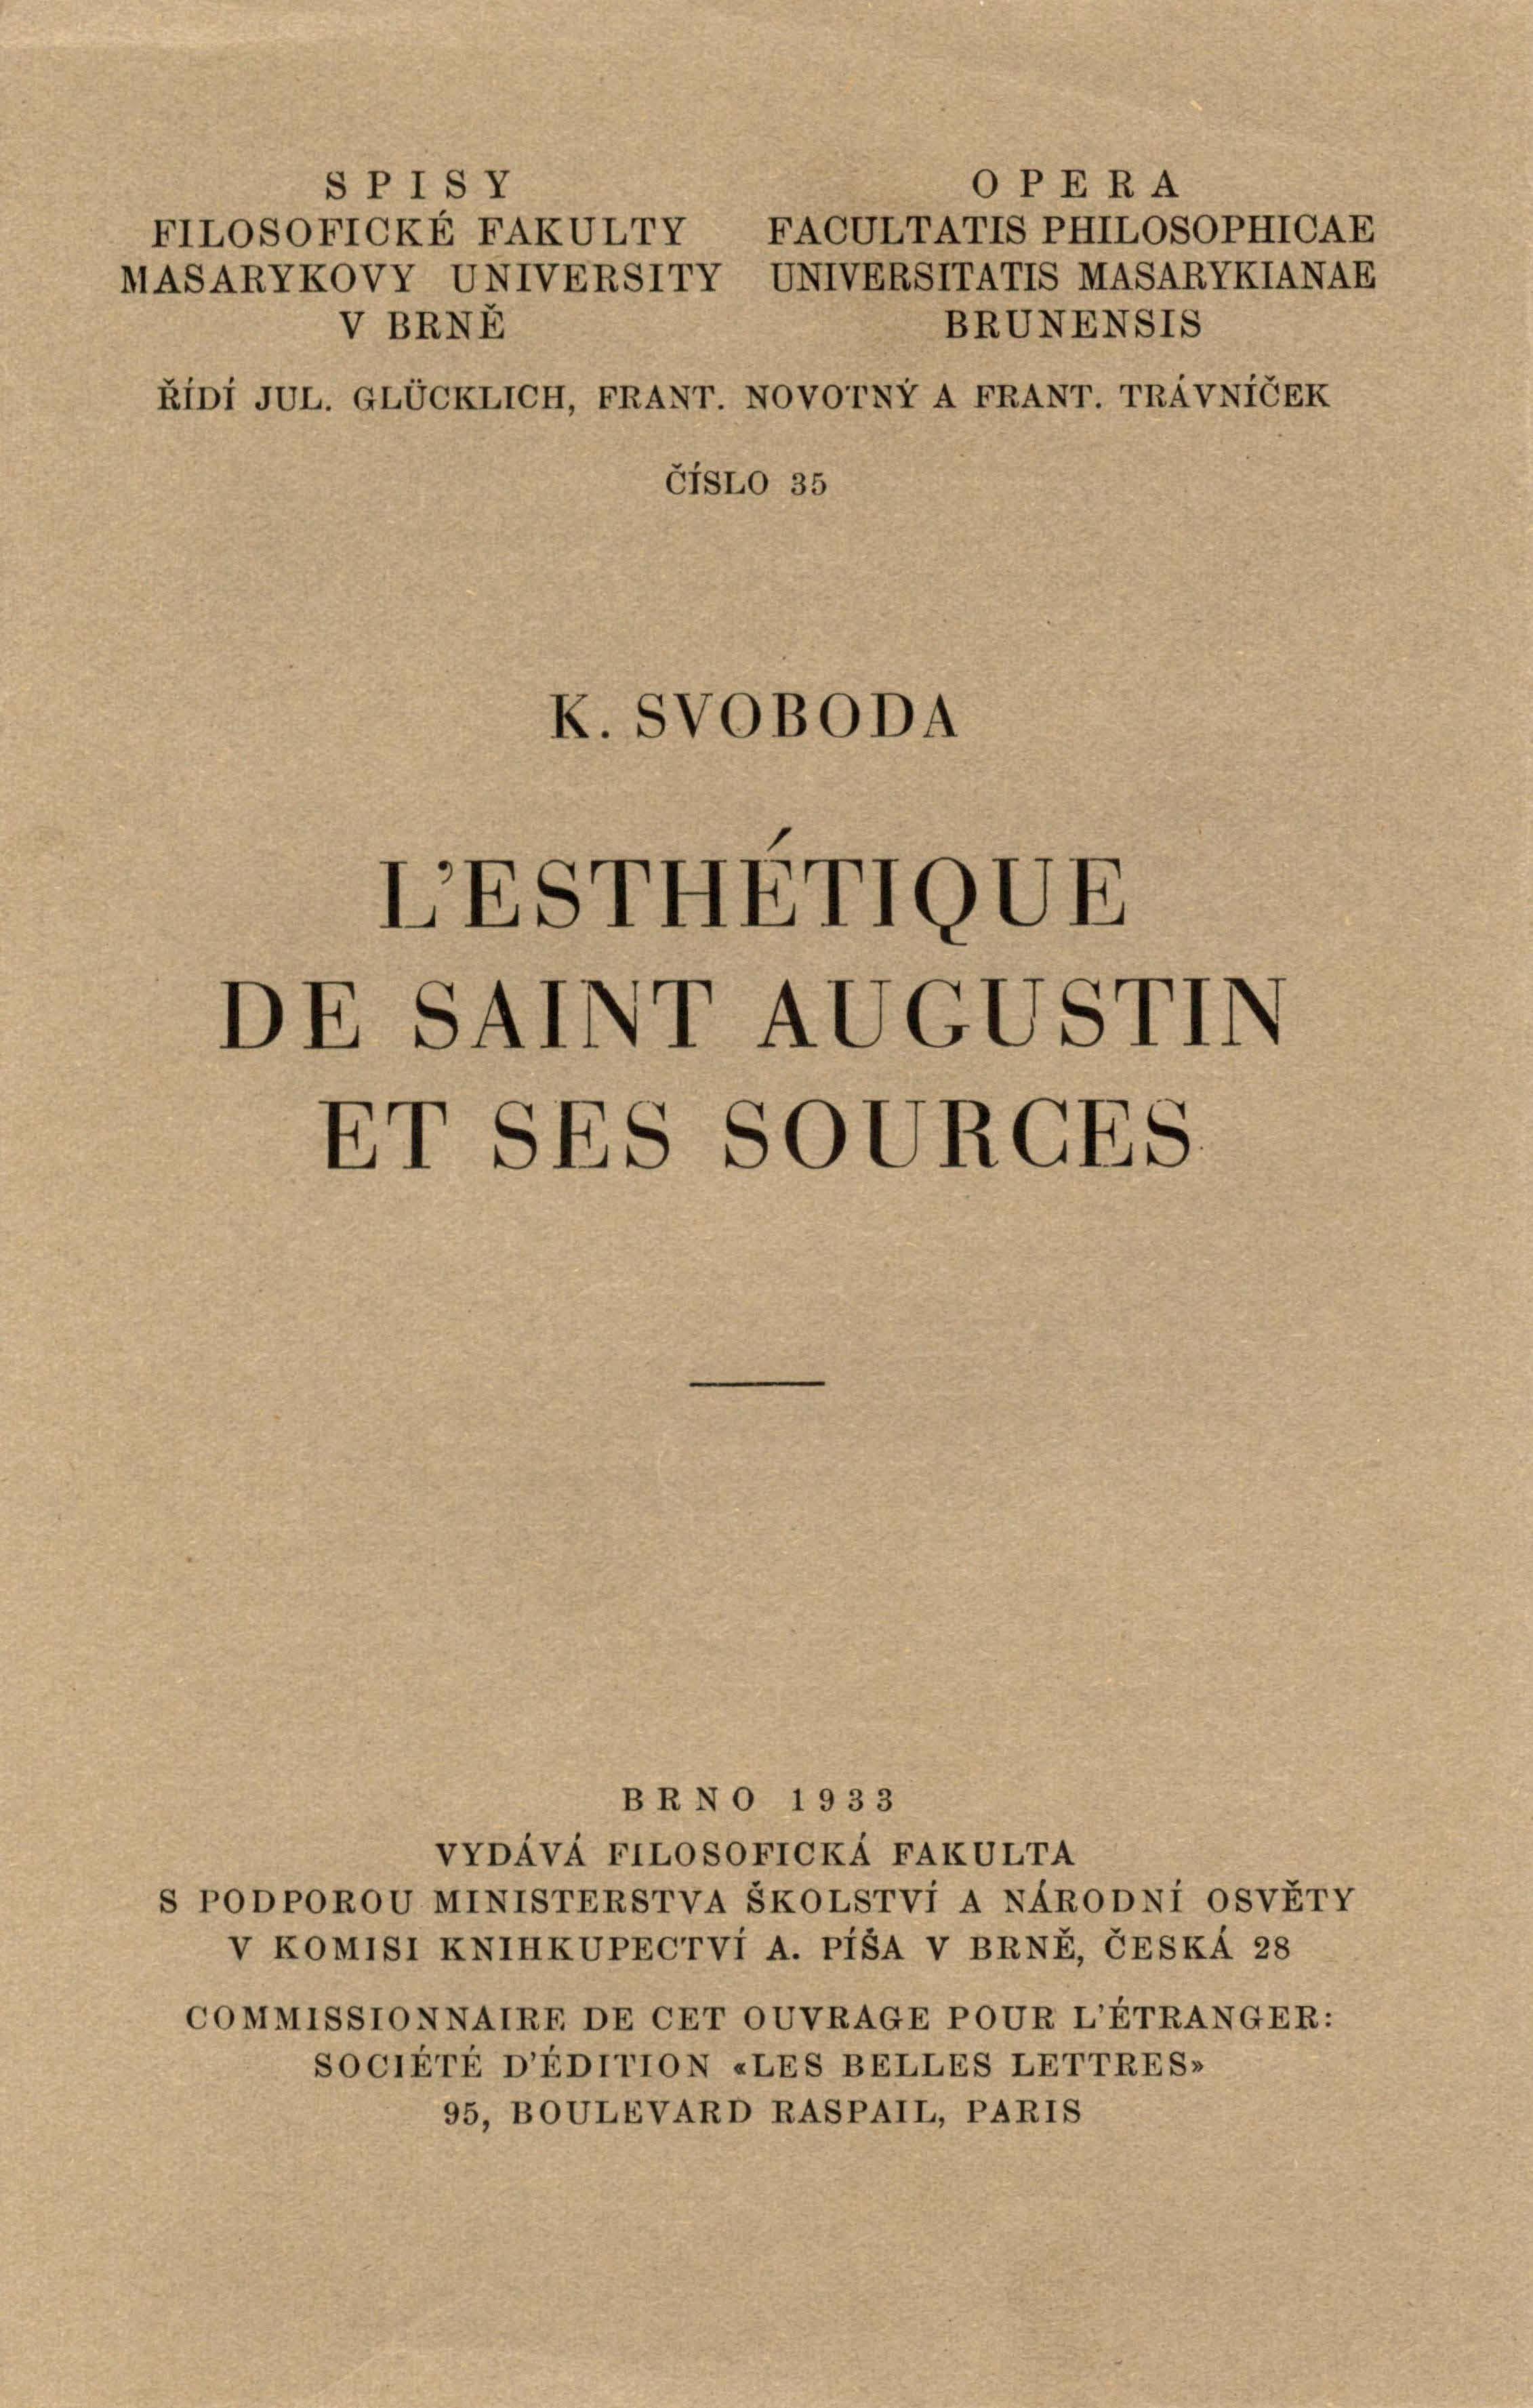 Obálka pro L'Esthétique de Saint Augustin et ses sources